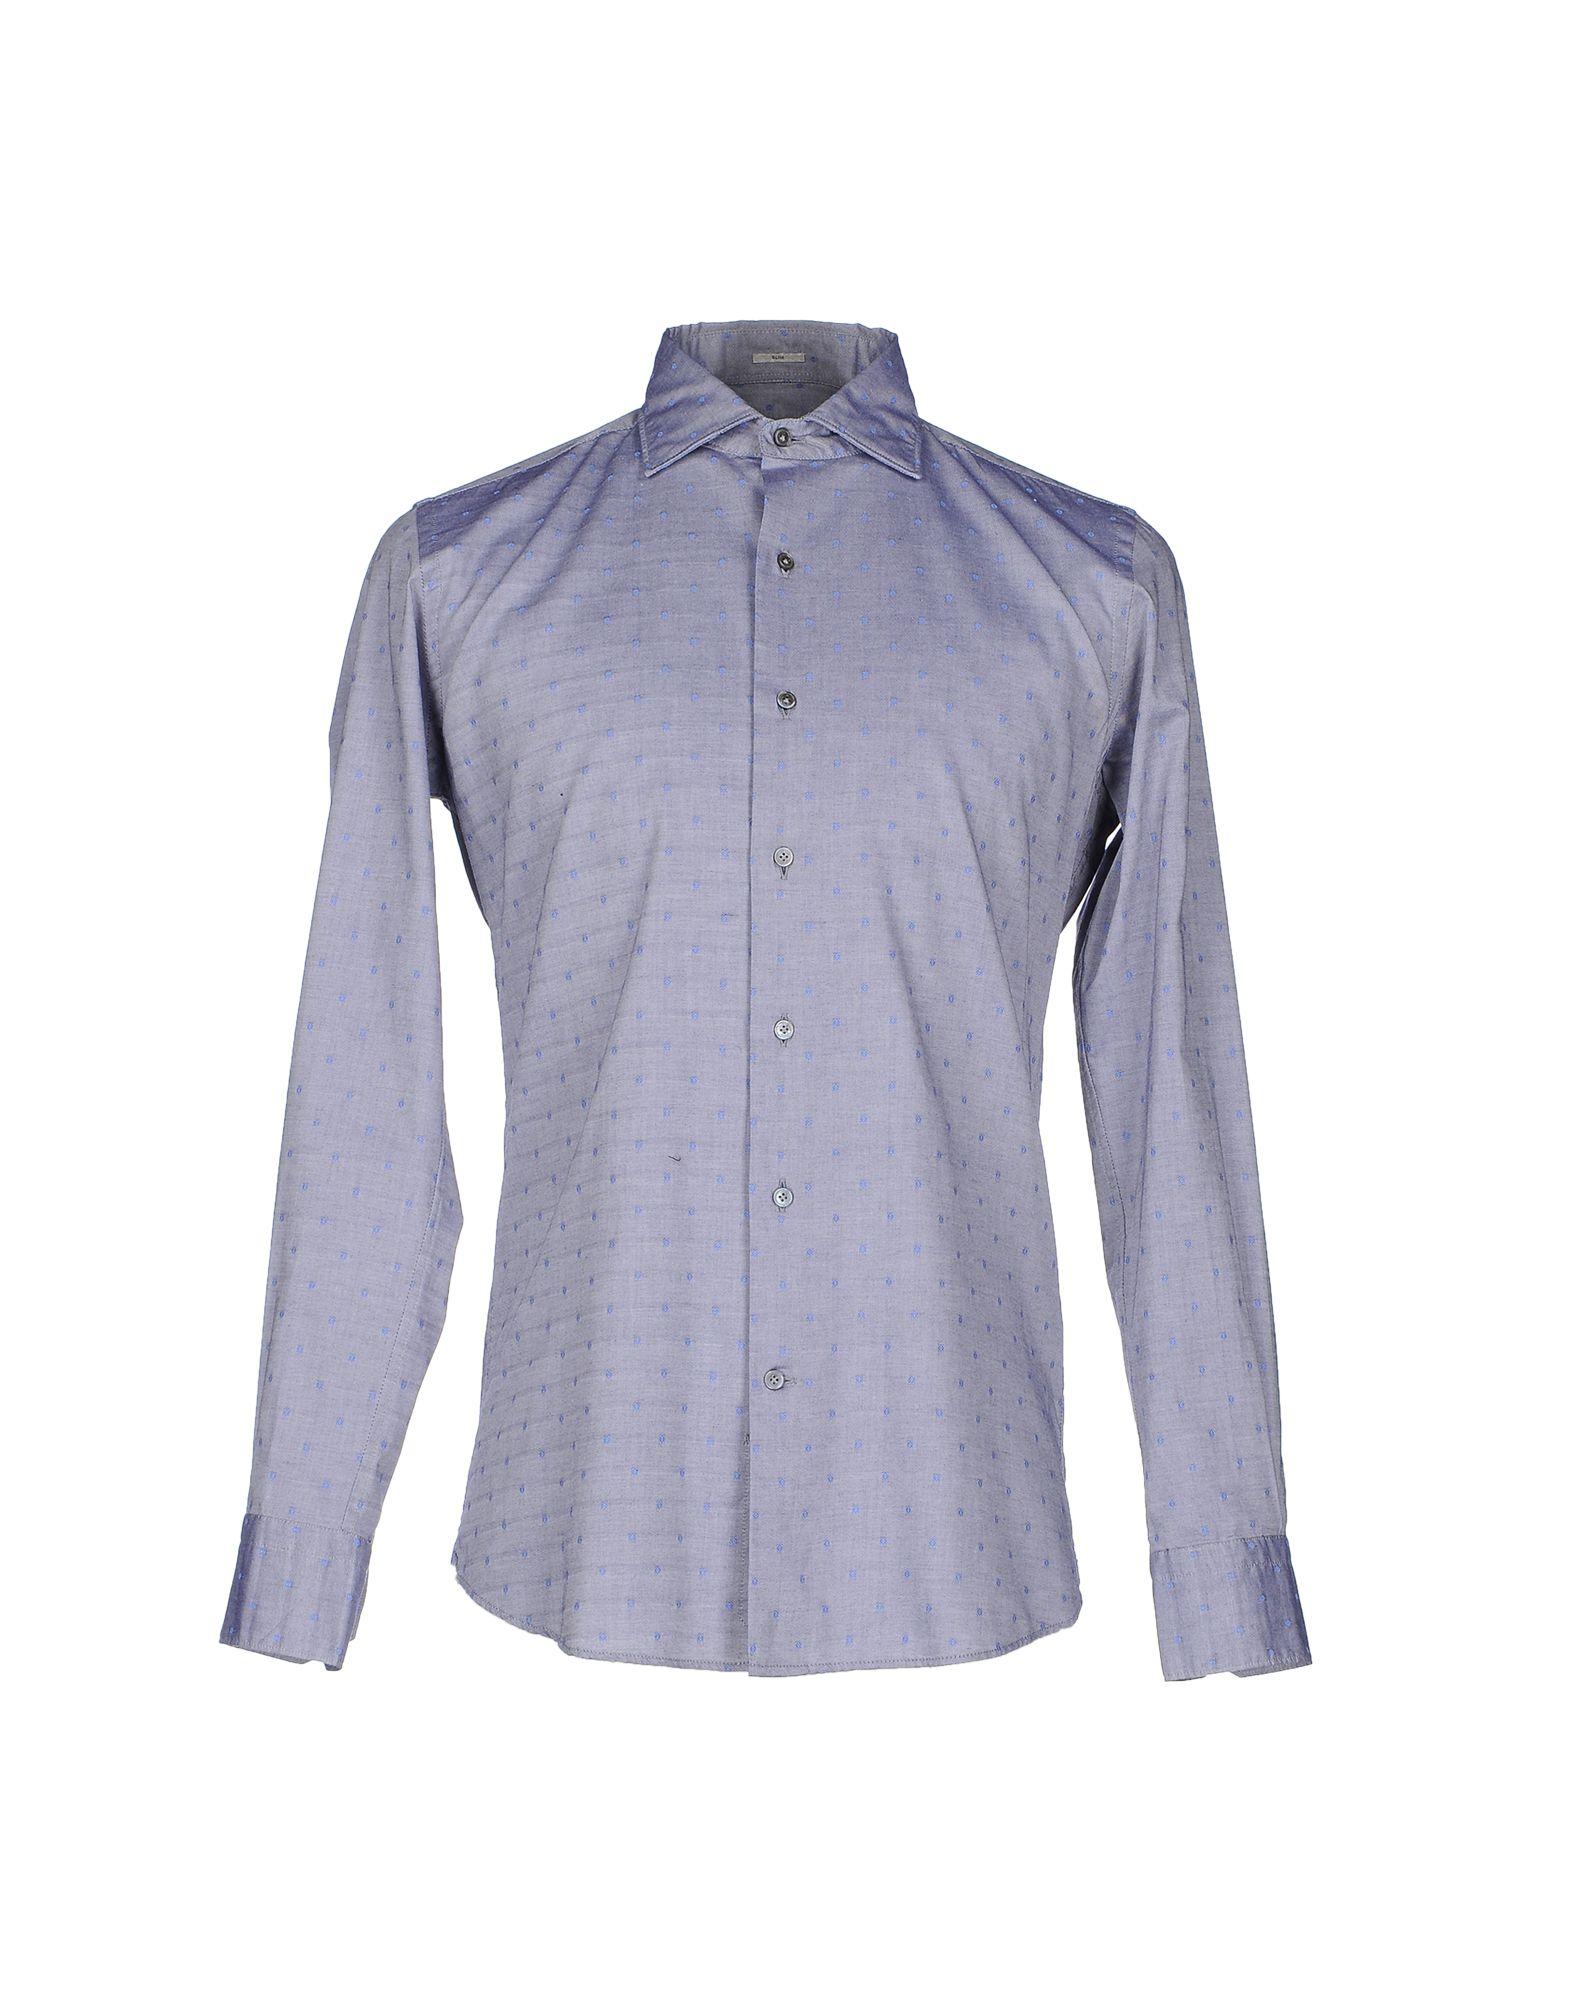 HIMON'S Pубашка bevilacqua pубашка